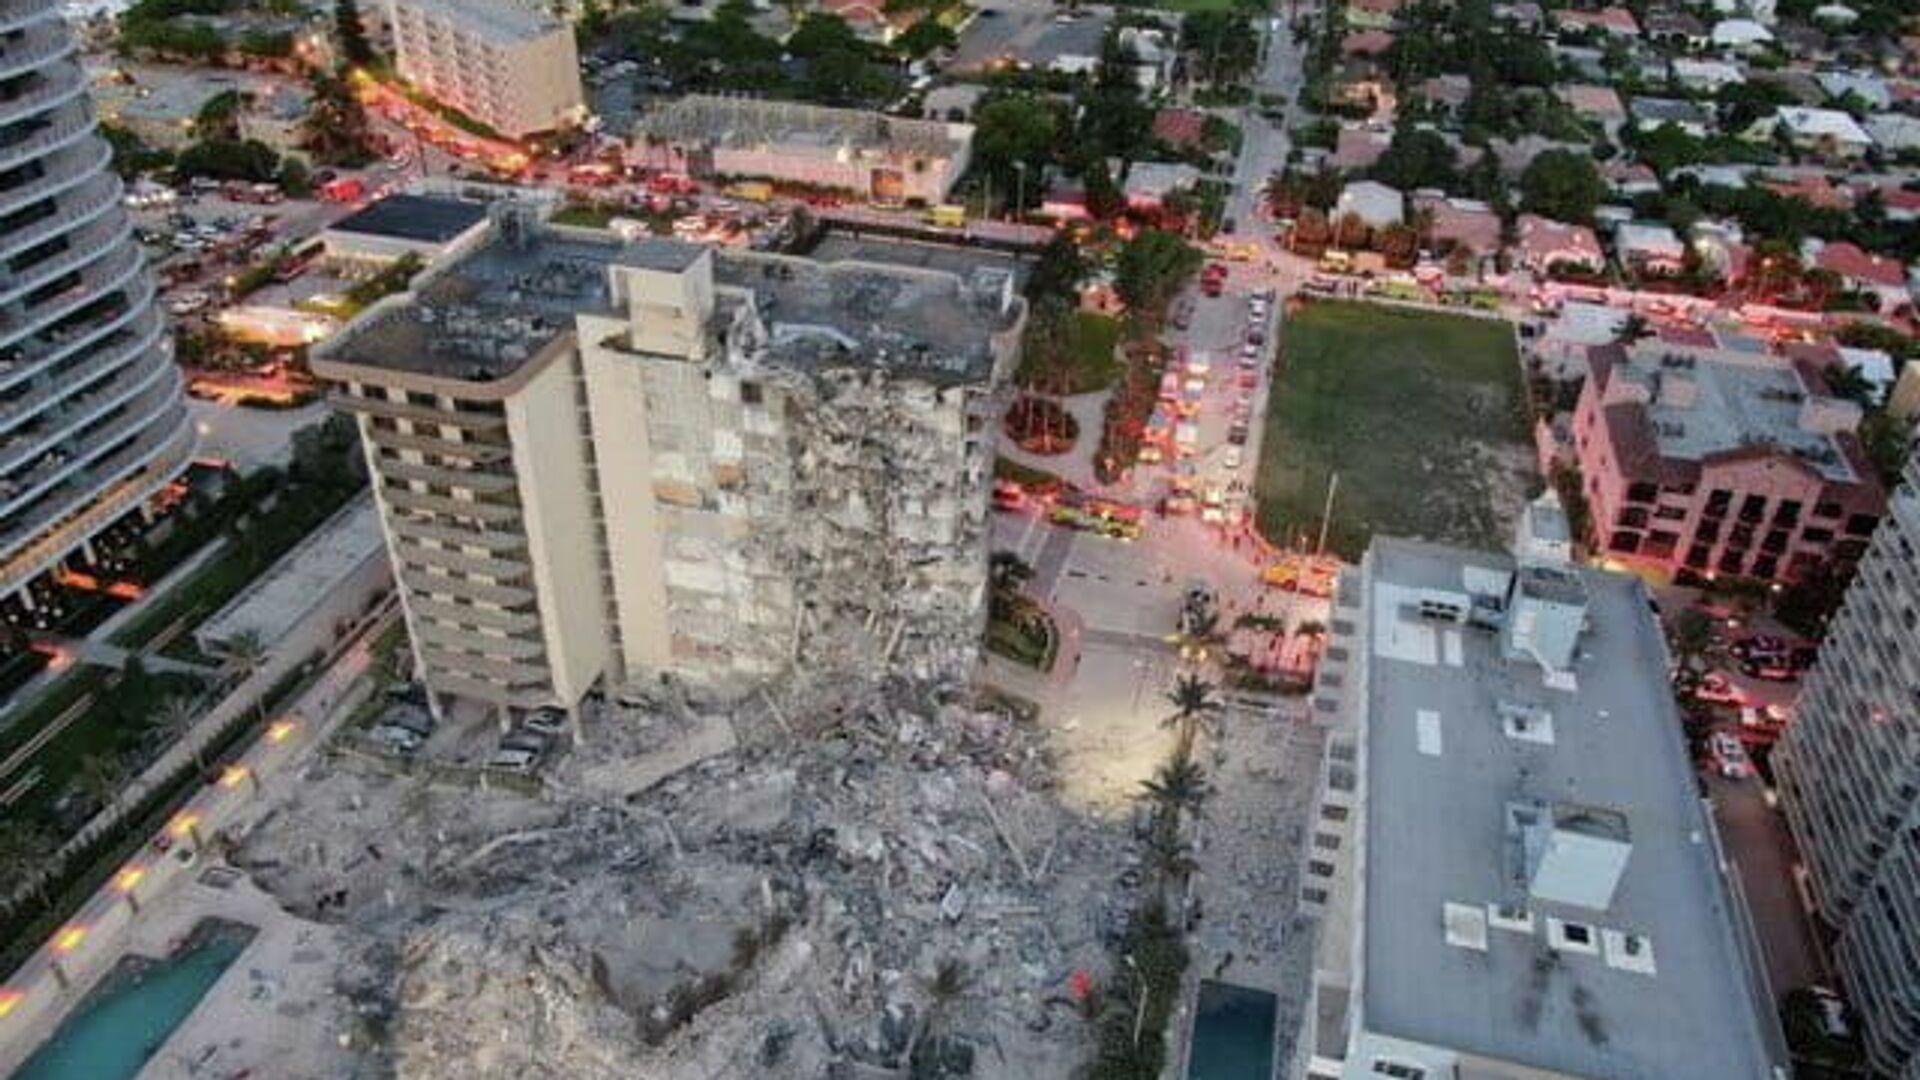 El derrumbe parcial de edificio en Miami - Sputnik Mundo, 1920, 24.06.2021